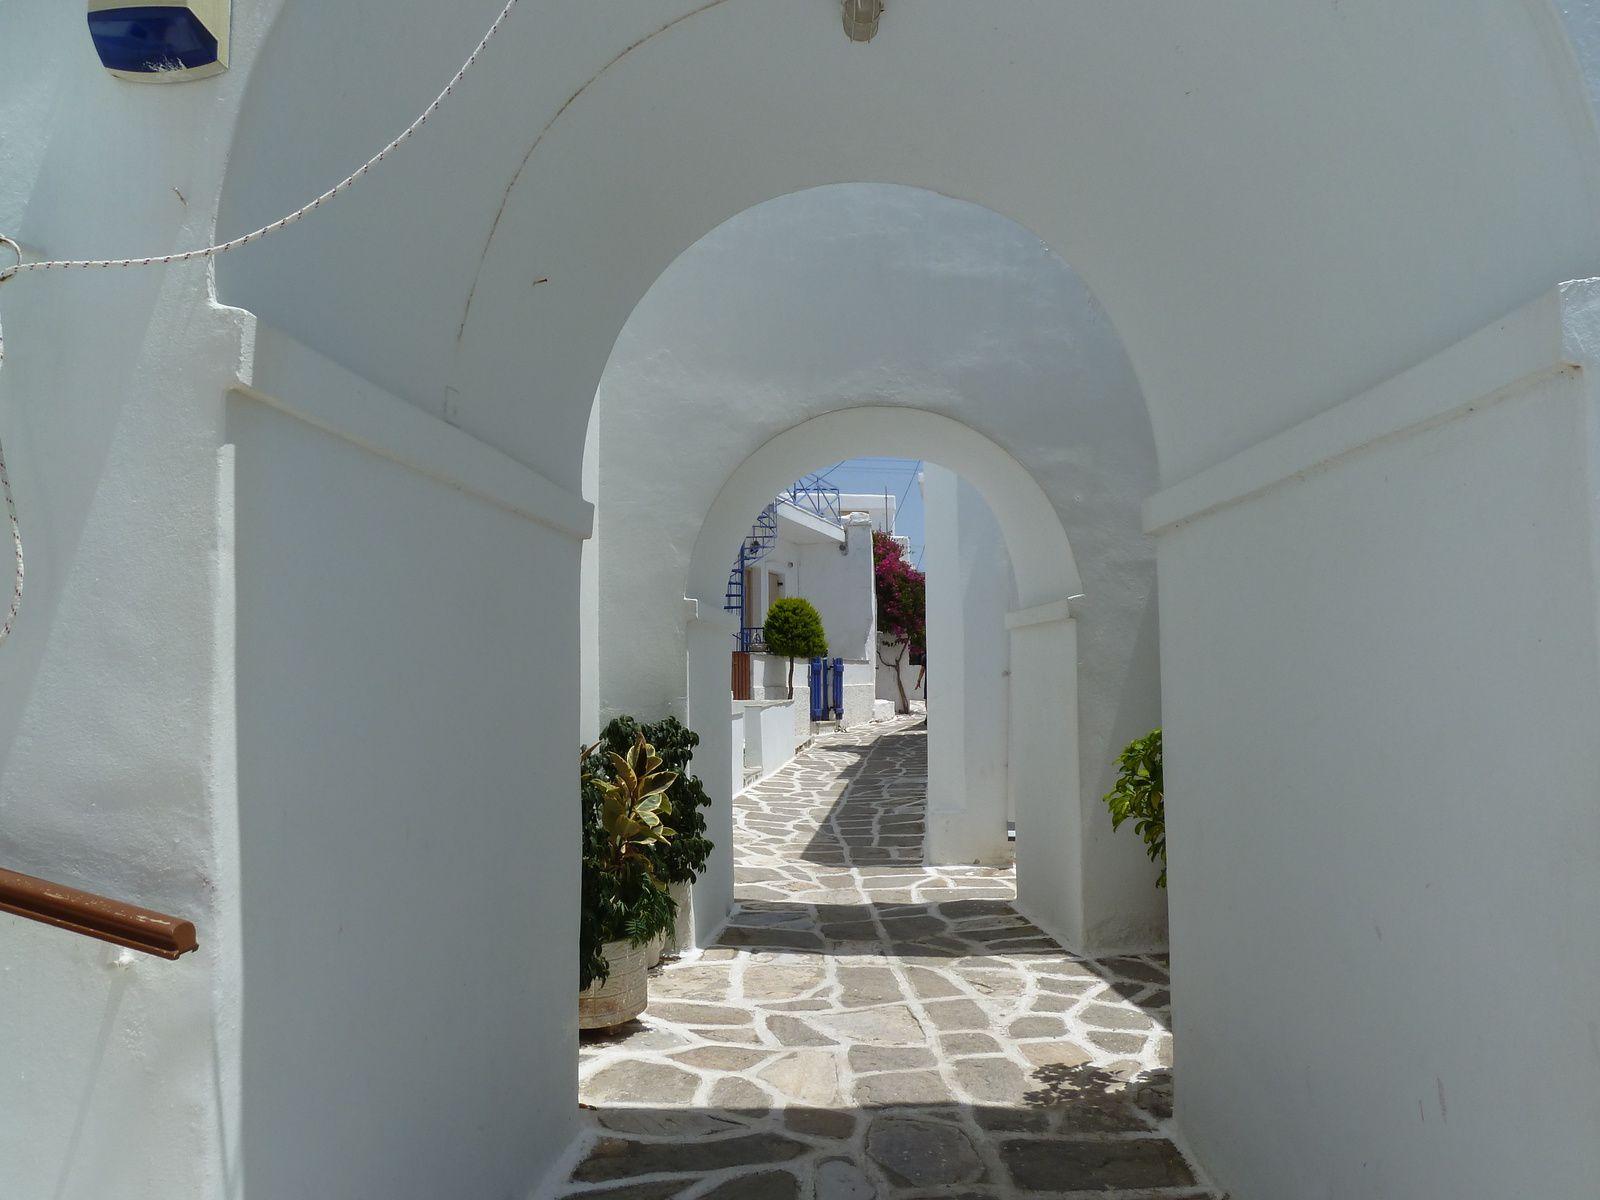 Après deux petites heures de marche nous arrivons dans le charmant et pittoresque village de Prodromos avec ses petites maisons blanches, la ville tire son nom de l'église paroissiale d'Agios Ioannis Prodromos (XVIIème siècle) alors qu'au Moyen-âge il s'appelait Dragoulas.